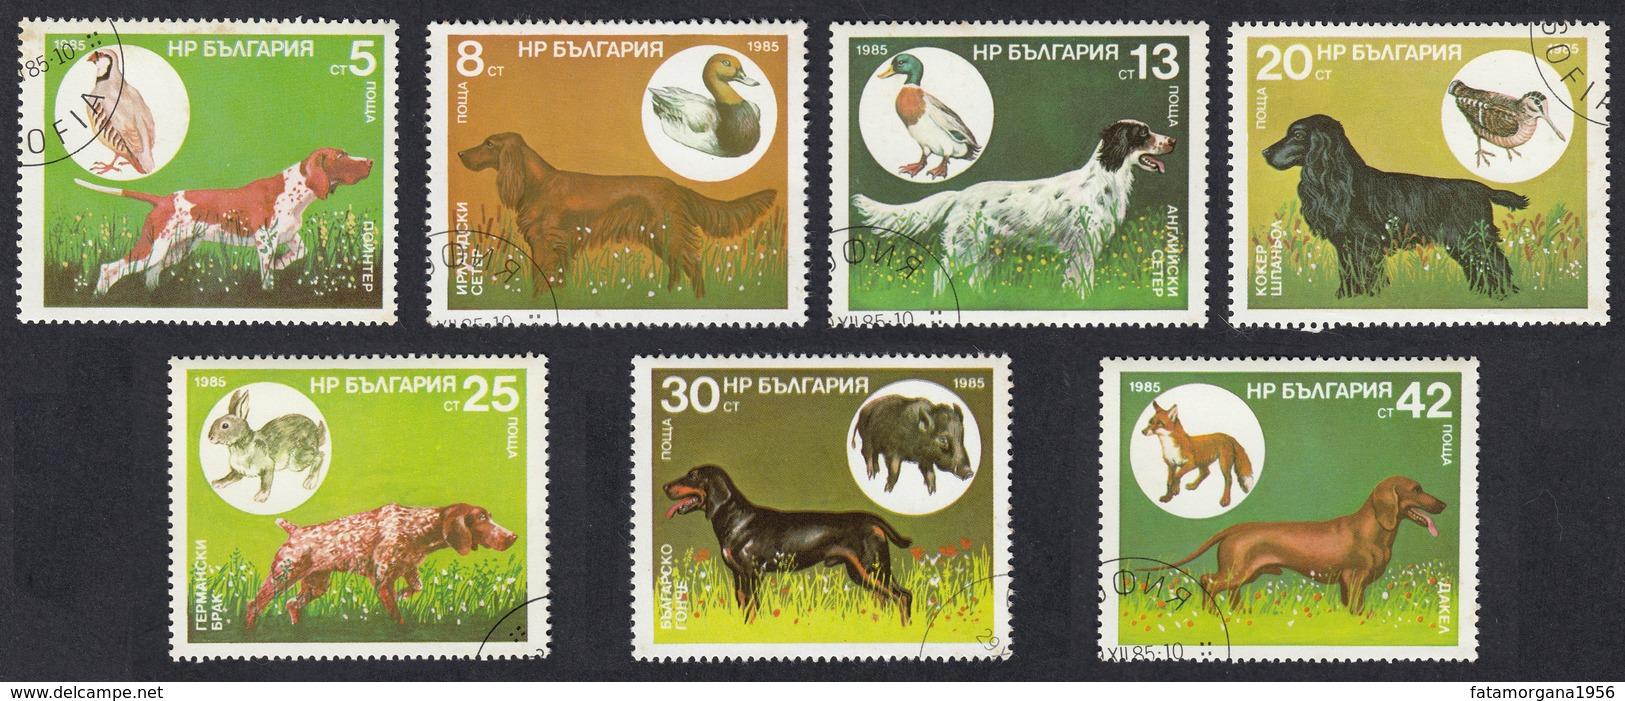 BULGARIA - 1985 - Serie Completa Usata: Yvert 2975/2981; 7 Valori; Cani Da Caccia Di Razze Diverse. - Gebraucht